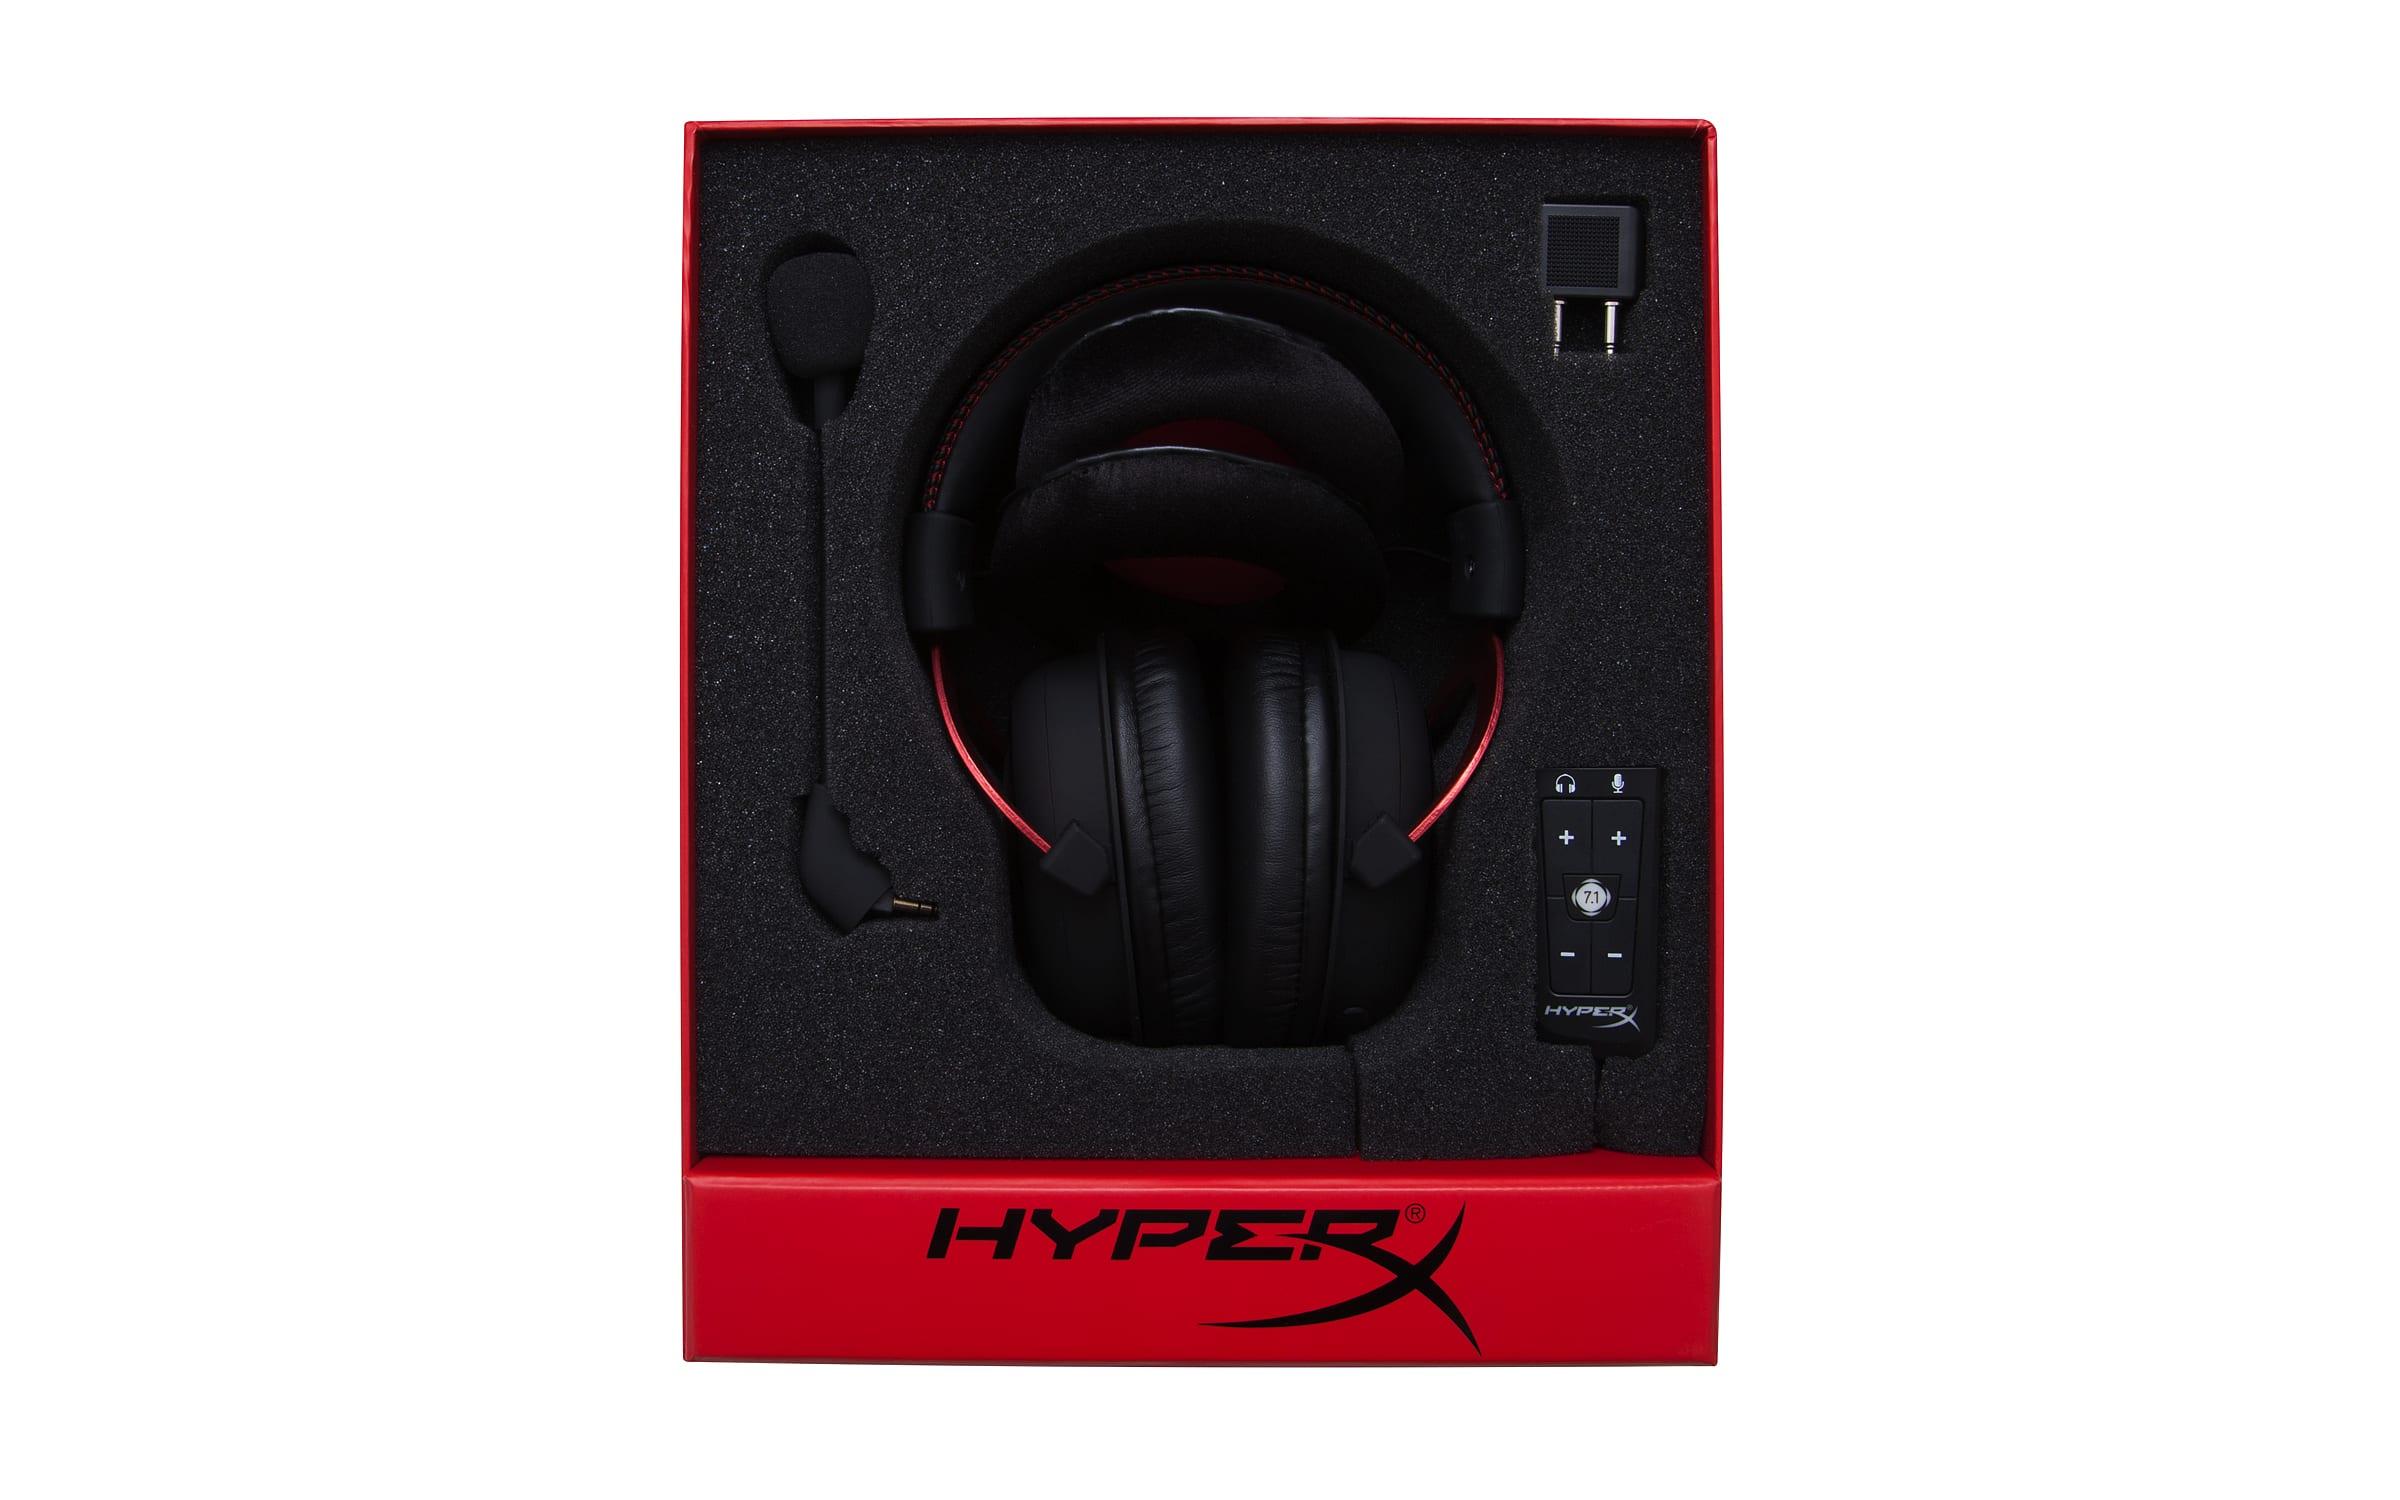 50491daafd7 Buy HyperX Cloud II Pro Gaming Headset (Black/Red) | GAME